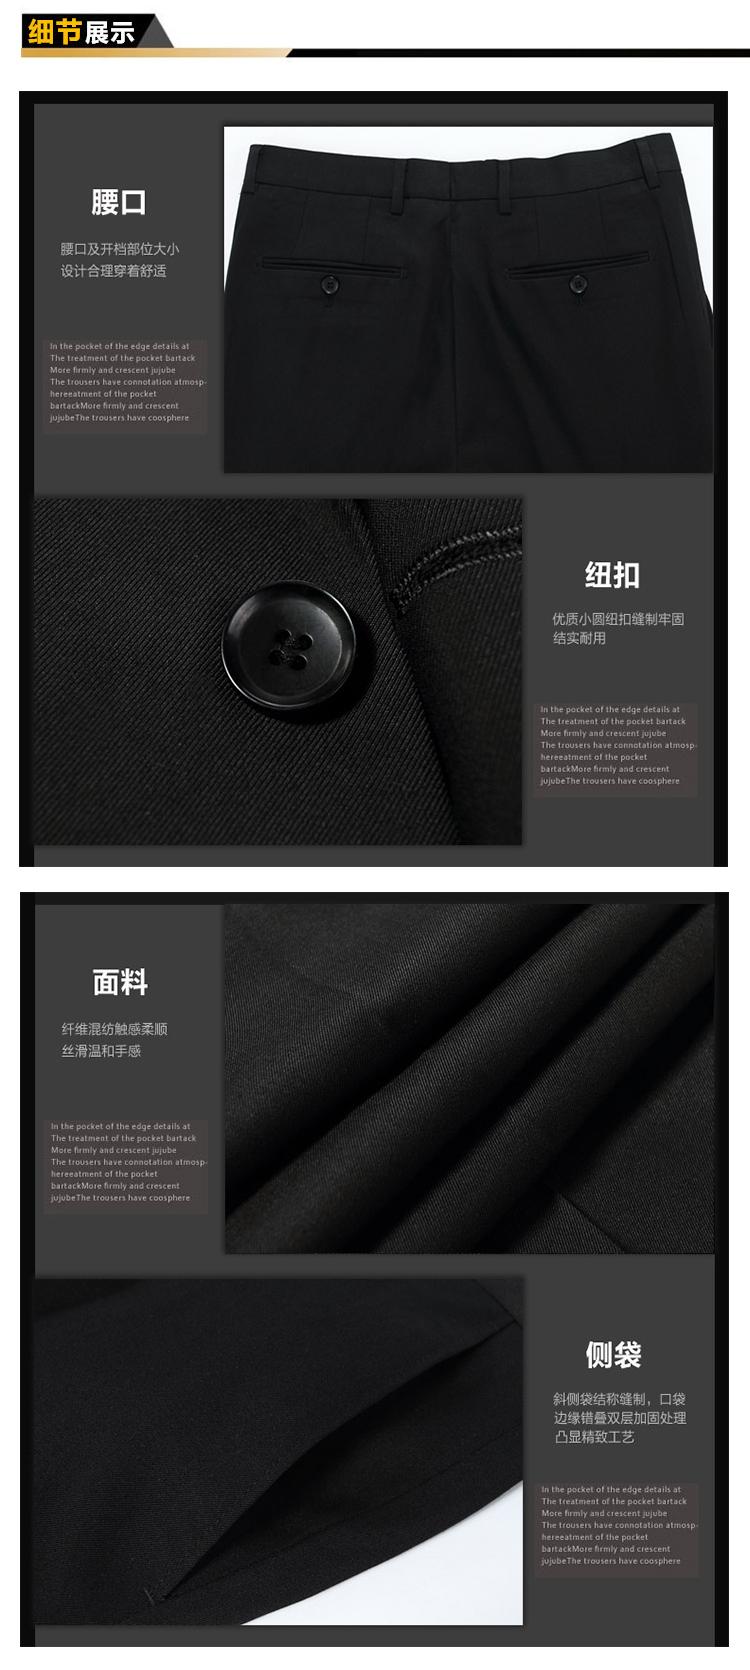 Mùa thu và mùa đông nam quần đen Hàn Quốc phiên bản của tự trồng chân nhỏ phù hợp với quần kinh doanh ăn mặc thanh niên phù hợp với bình thường quần